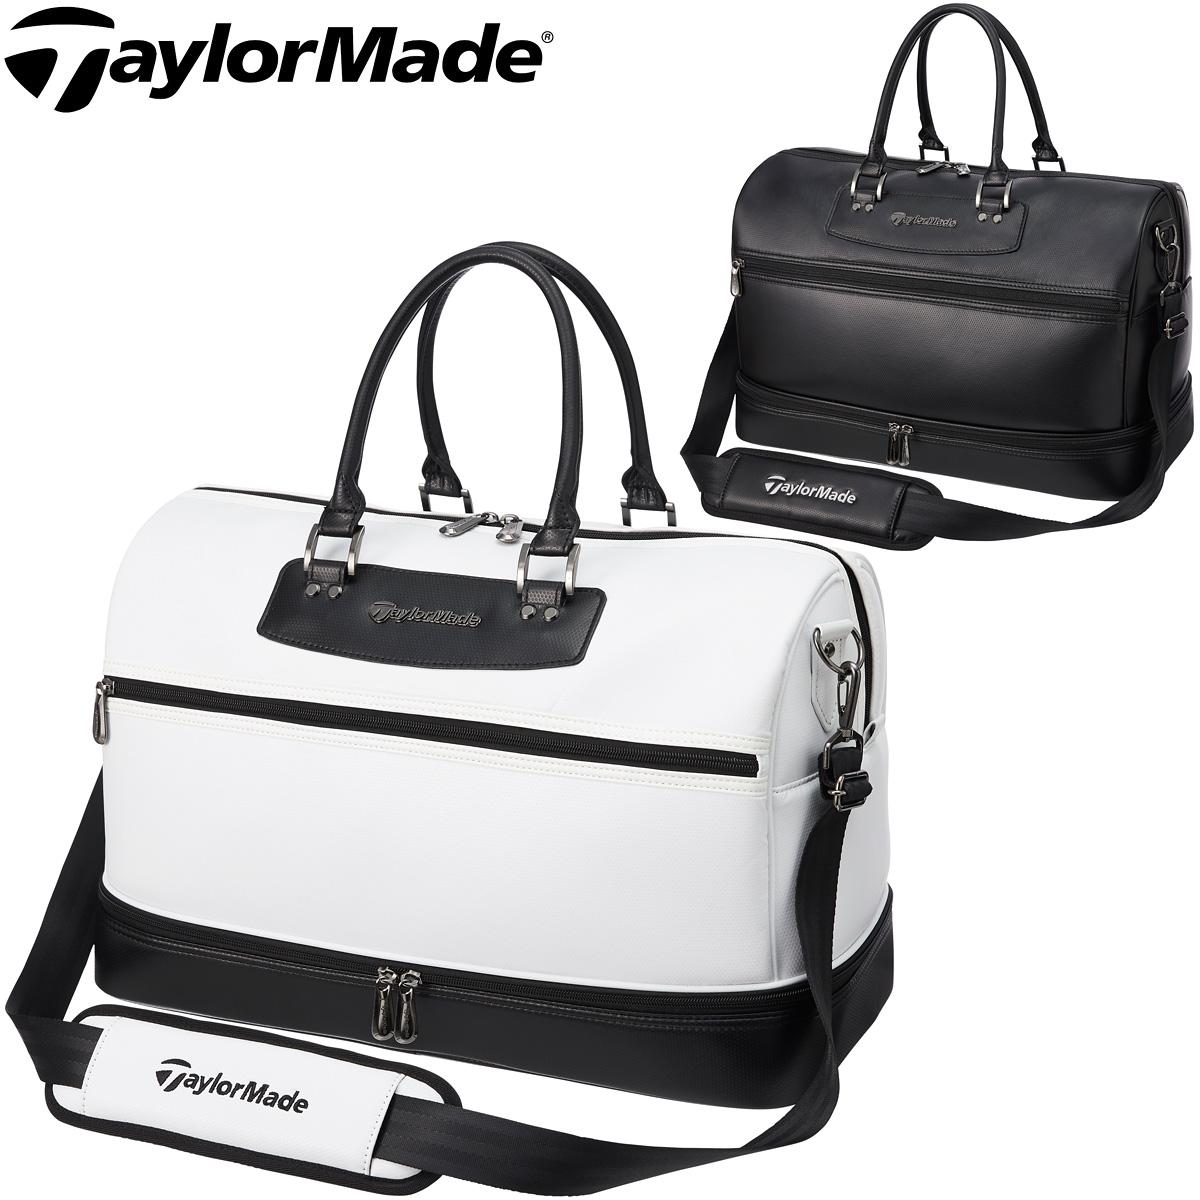 【【最大3300円OFFクーポン】】TaylorMade(テーラーメイド)日本正規品 TOUR-ORIENTED BOSTON BAG (ツアーオリエンティッドボストンバッグ) 二層式ボストンバッグ 2020新製品 「KY838」 【あす楽対応】